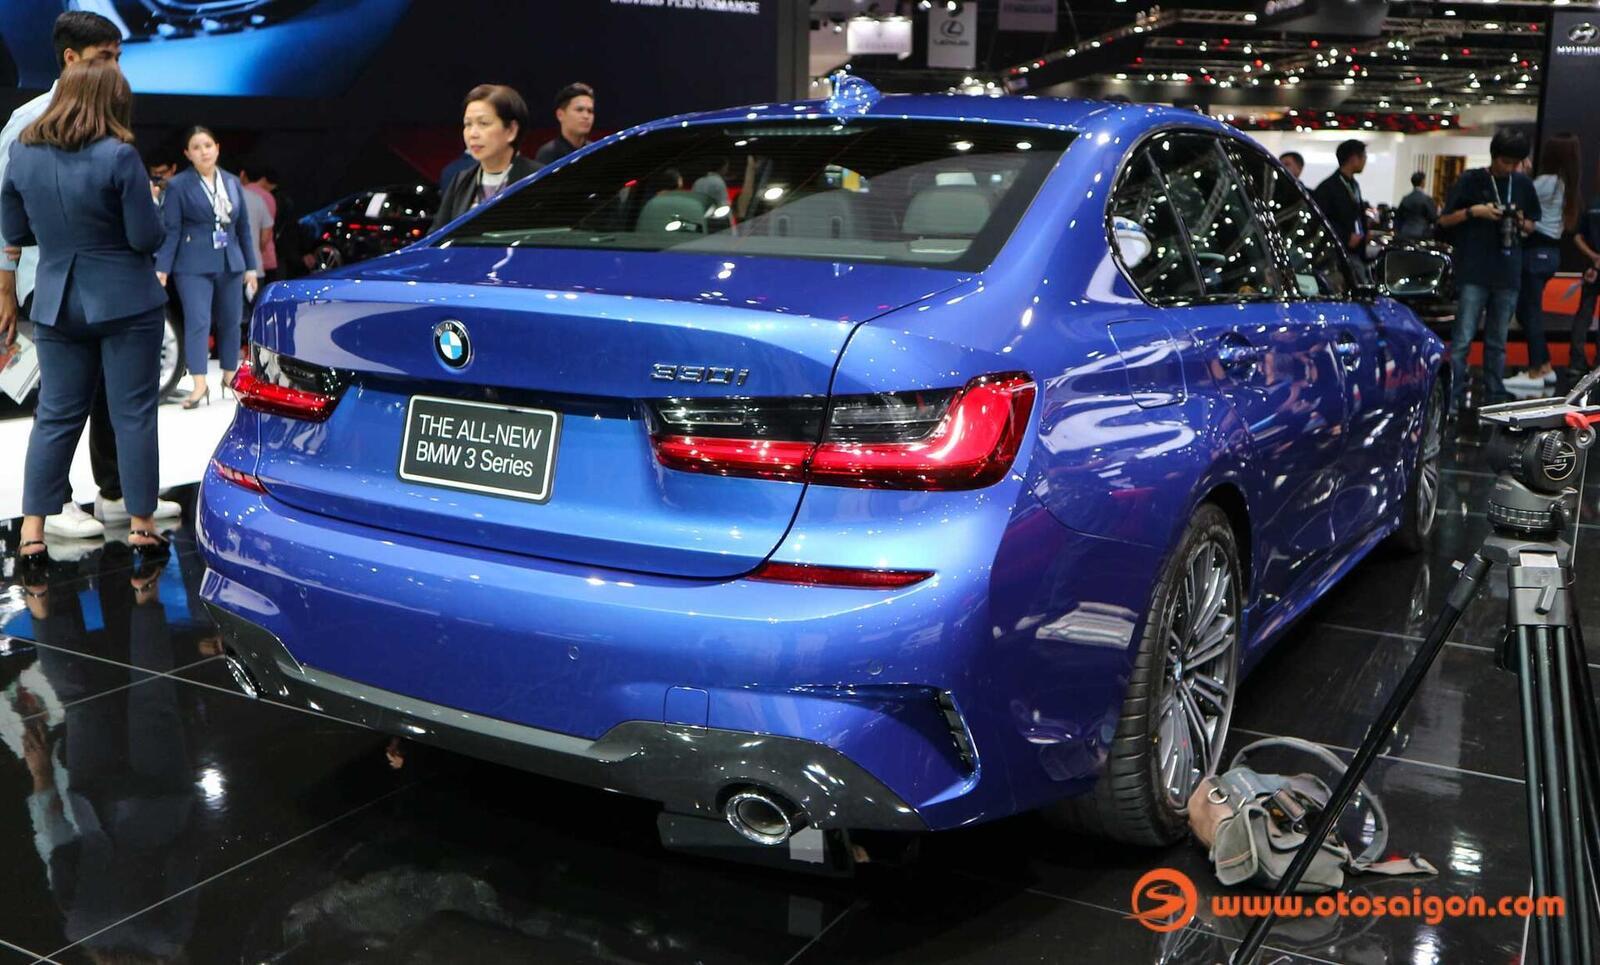 BMW 3 Series mới tại Thái Lan có giá bán từ 2,1 đến 2,4 tỷ đồng - Hình 8